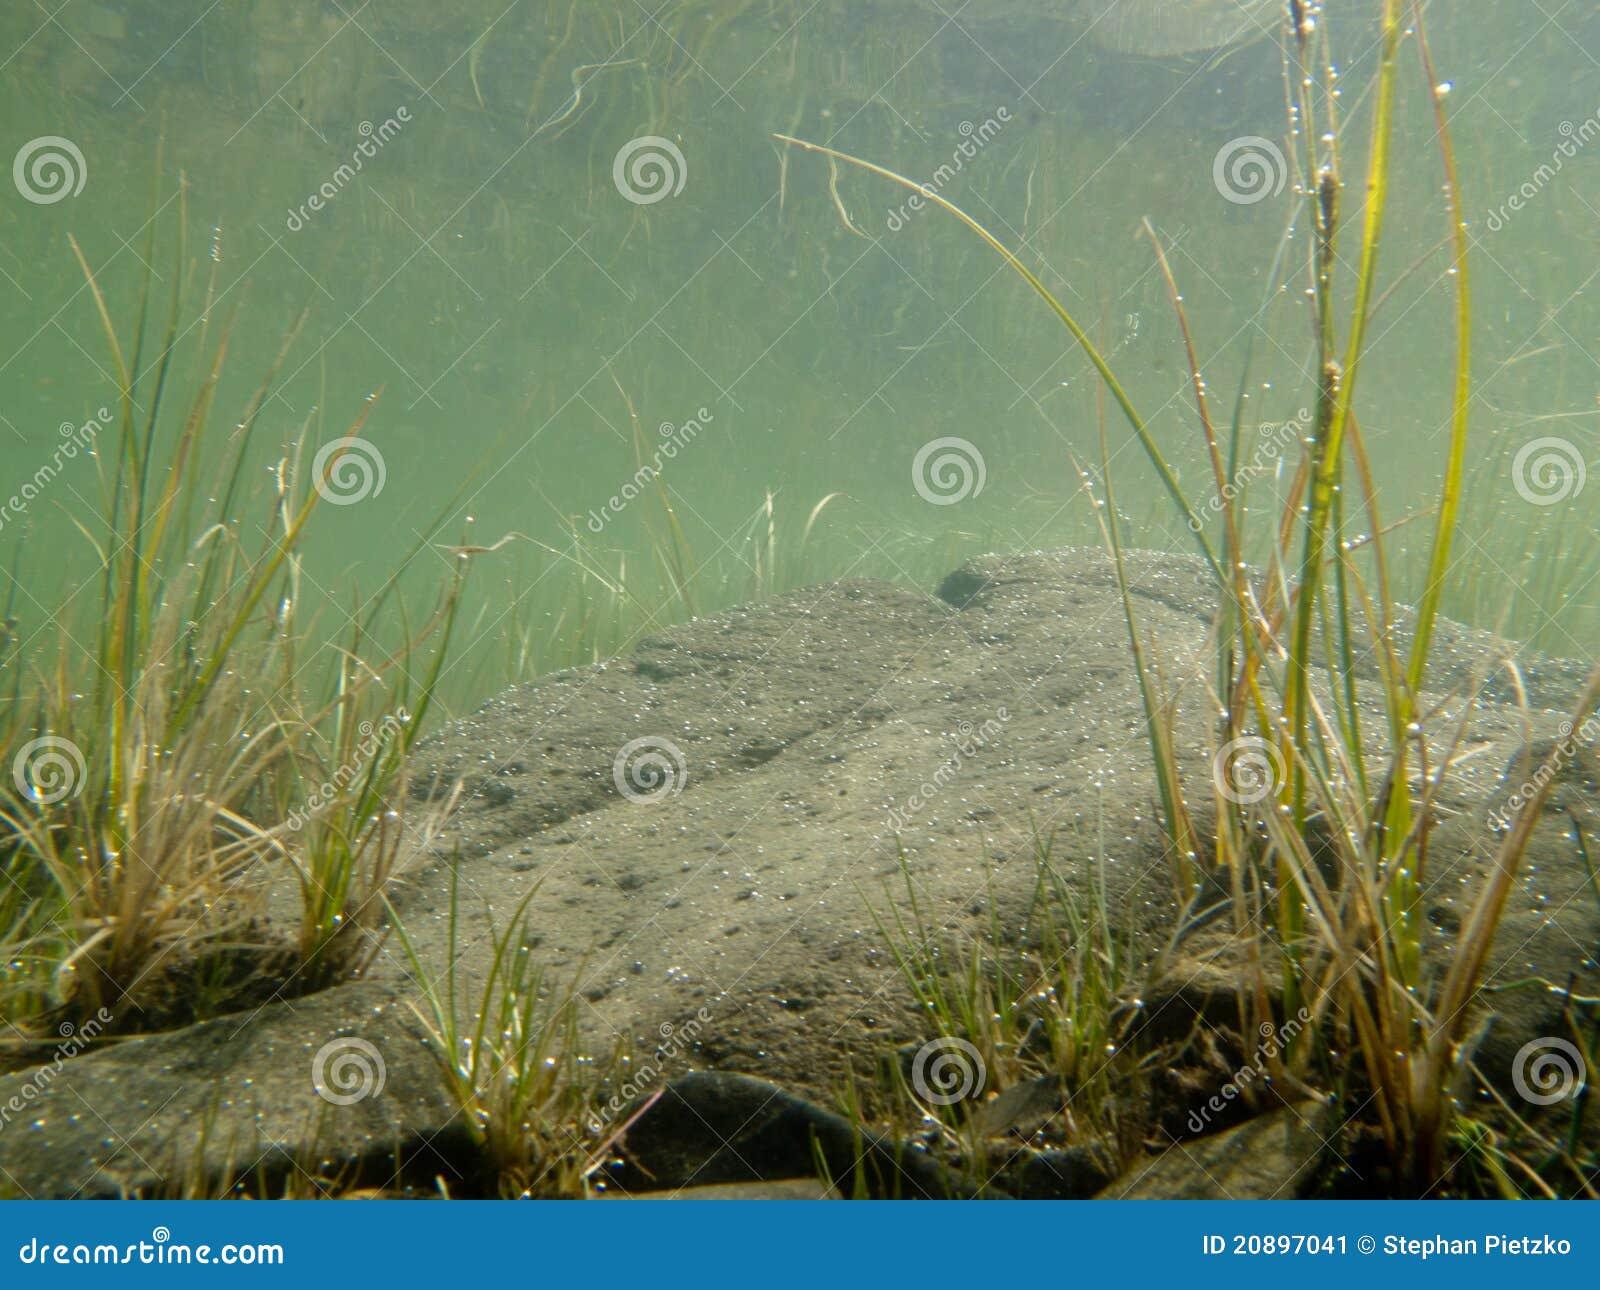 Tiro subaquático da grama e de plantas submersas